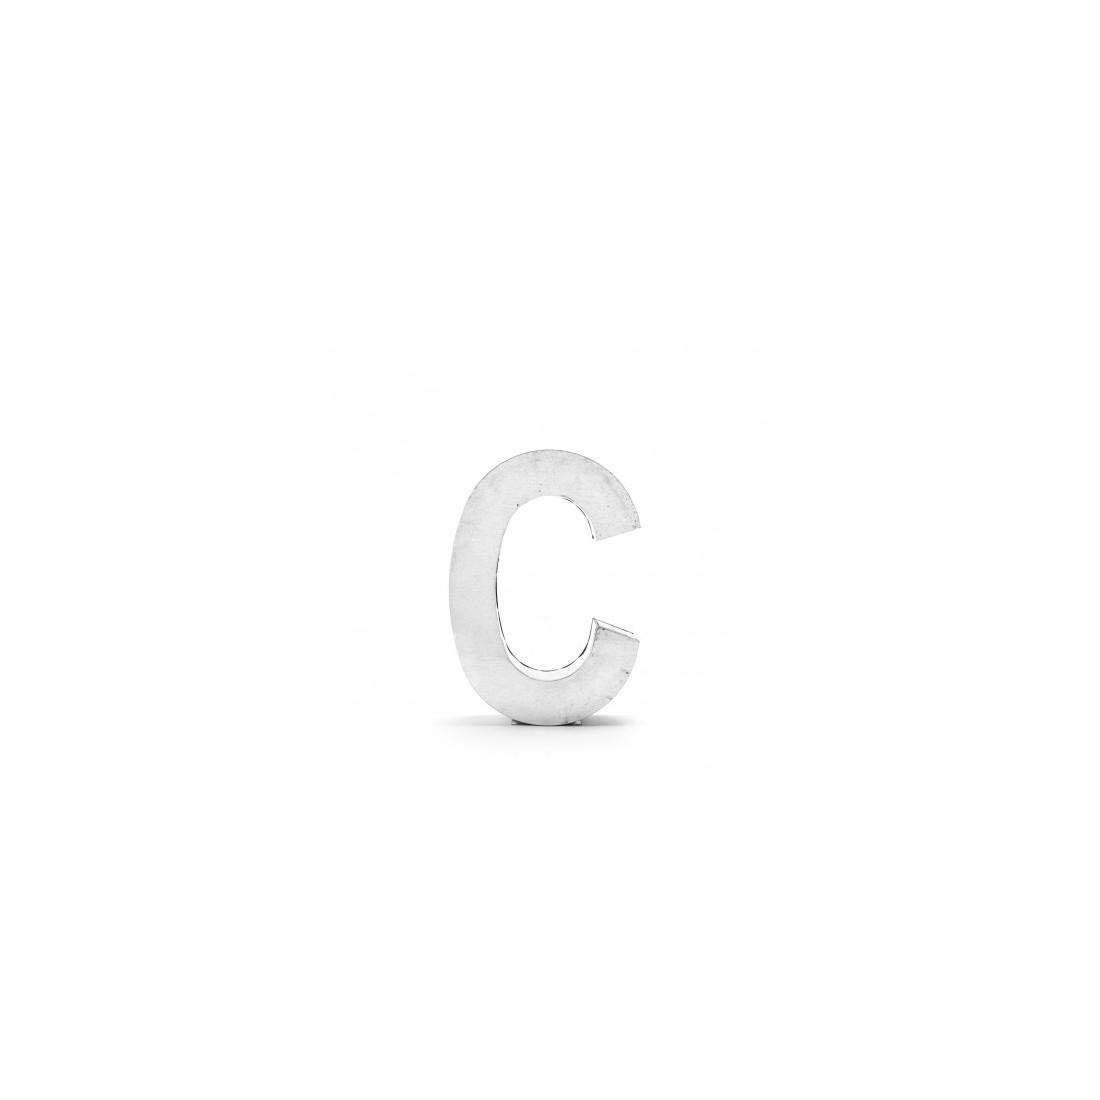 Lettre deco Metalvetica - SELETTI